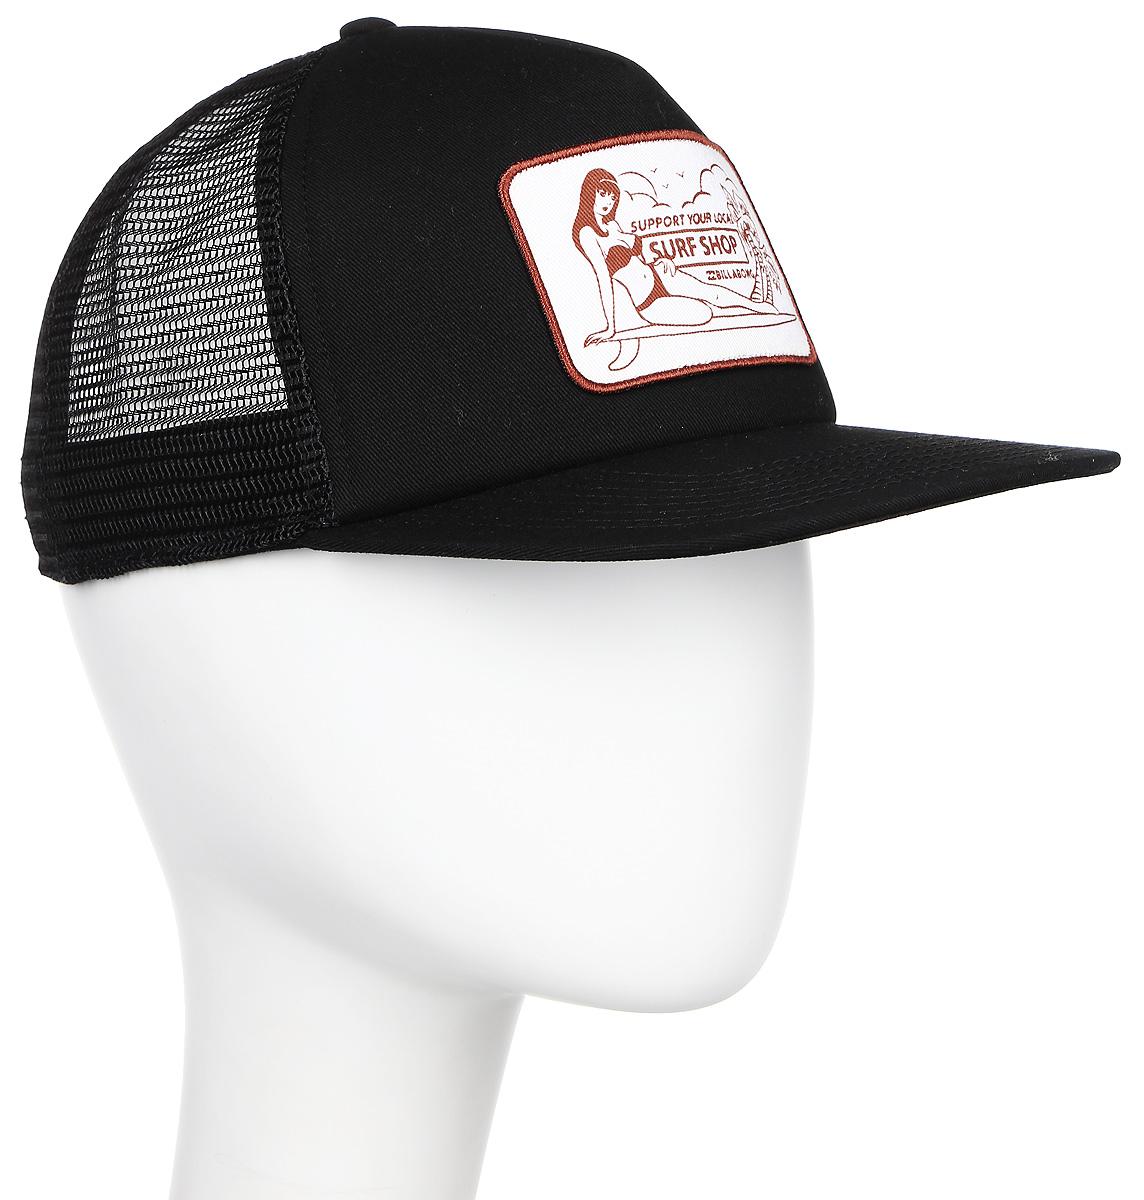 Фото Бейсболка Billabong Support Trucker, цвет: черный. 3607869369025. Размер универсальный